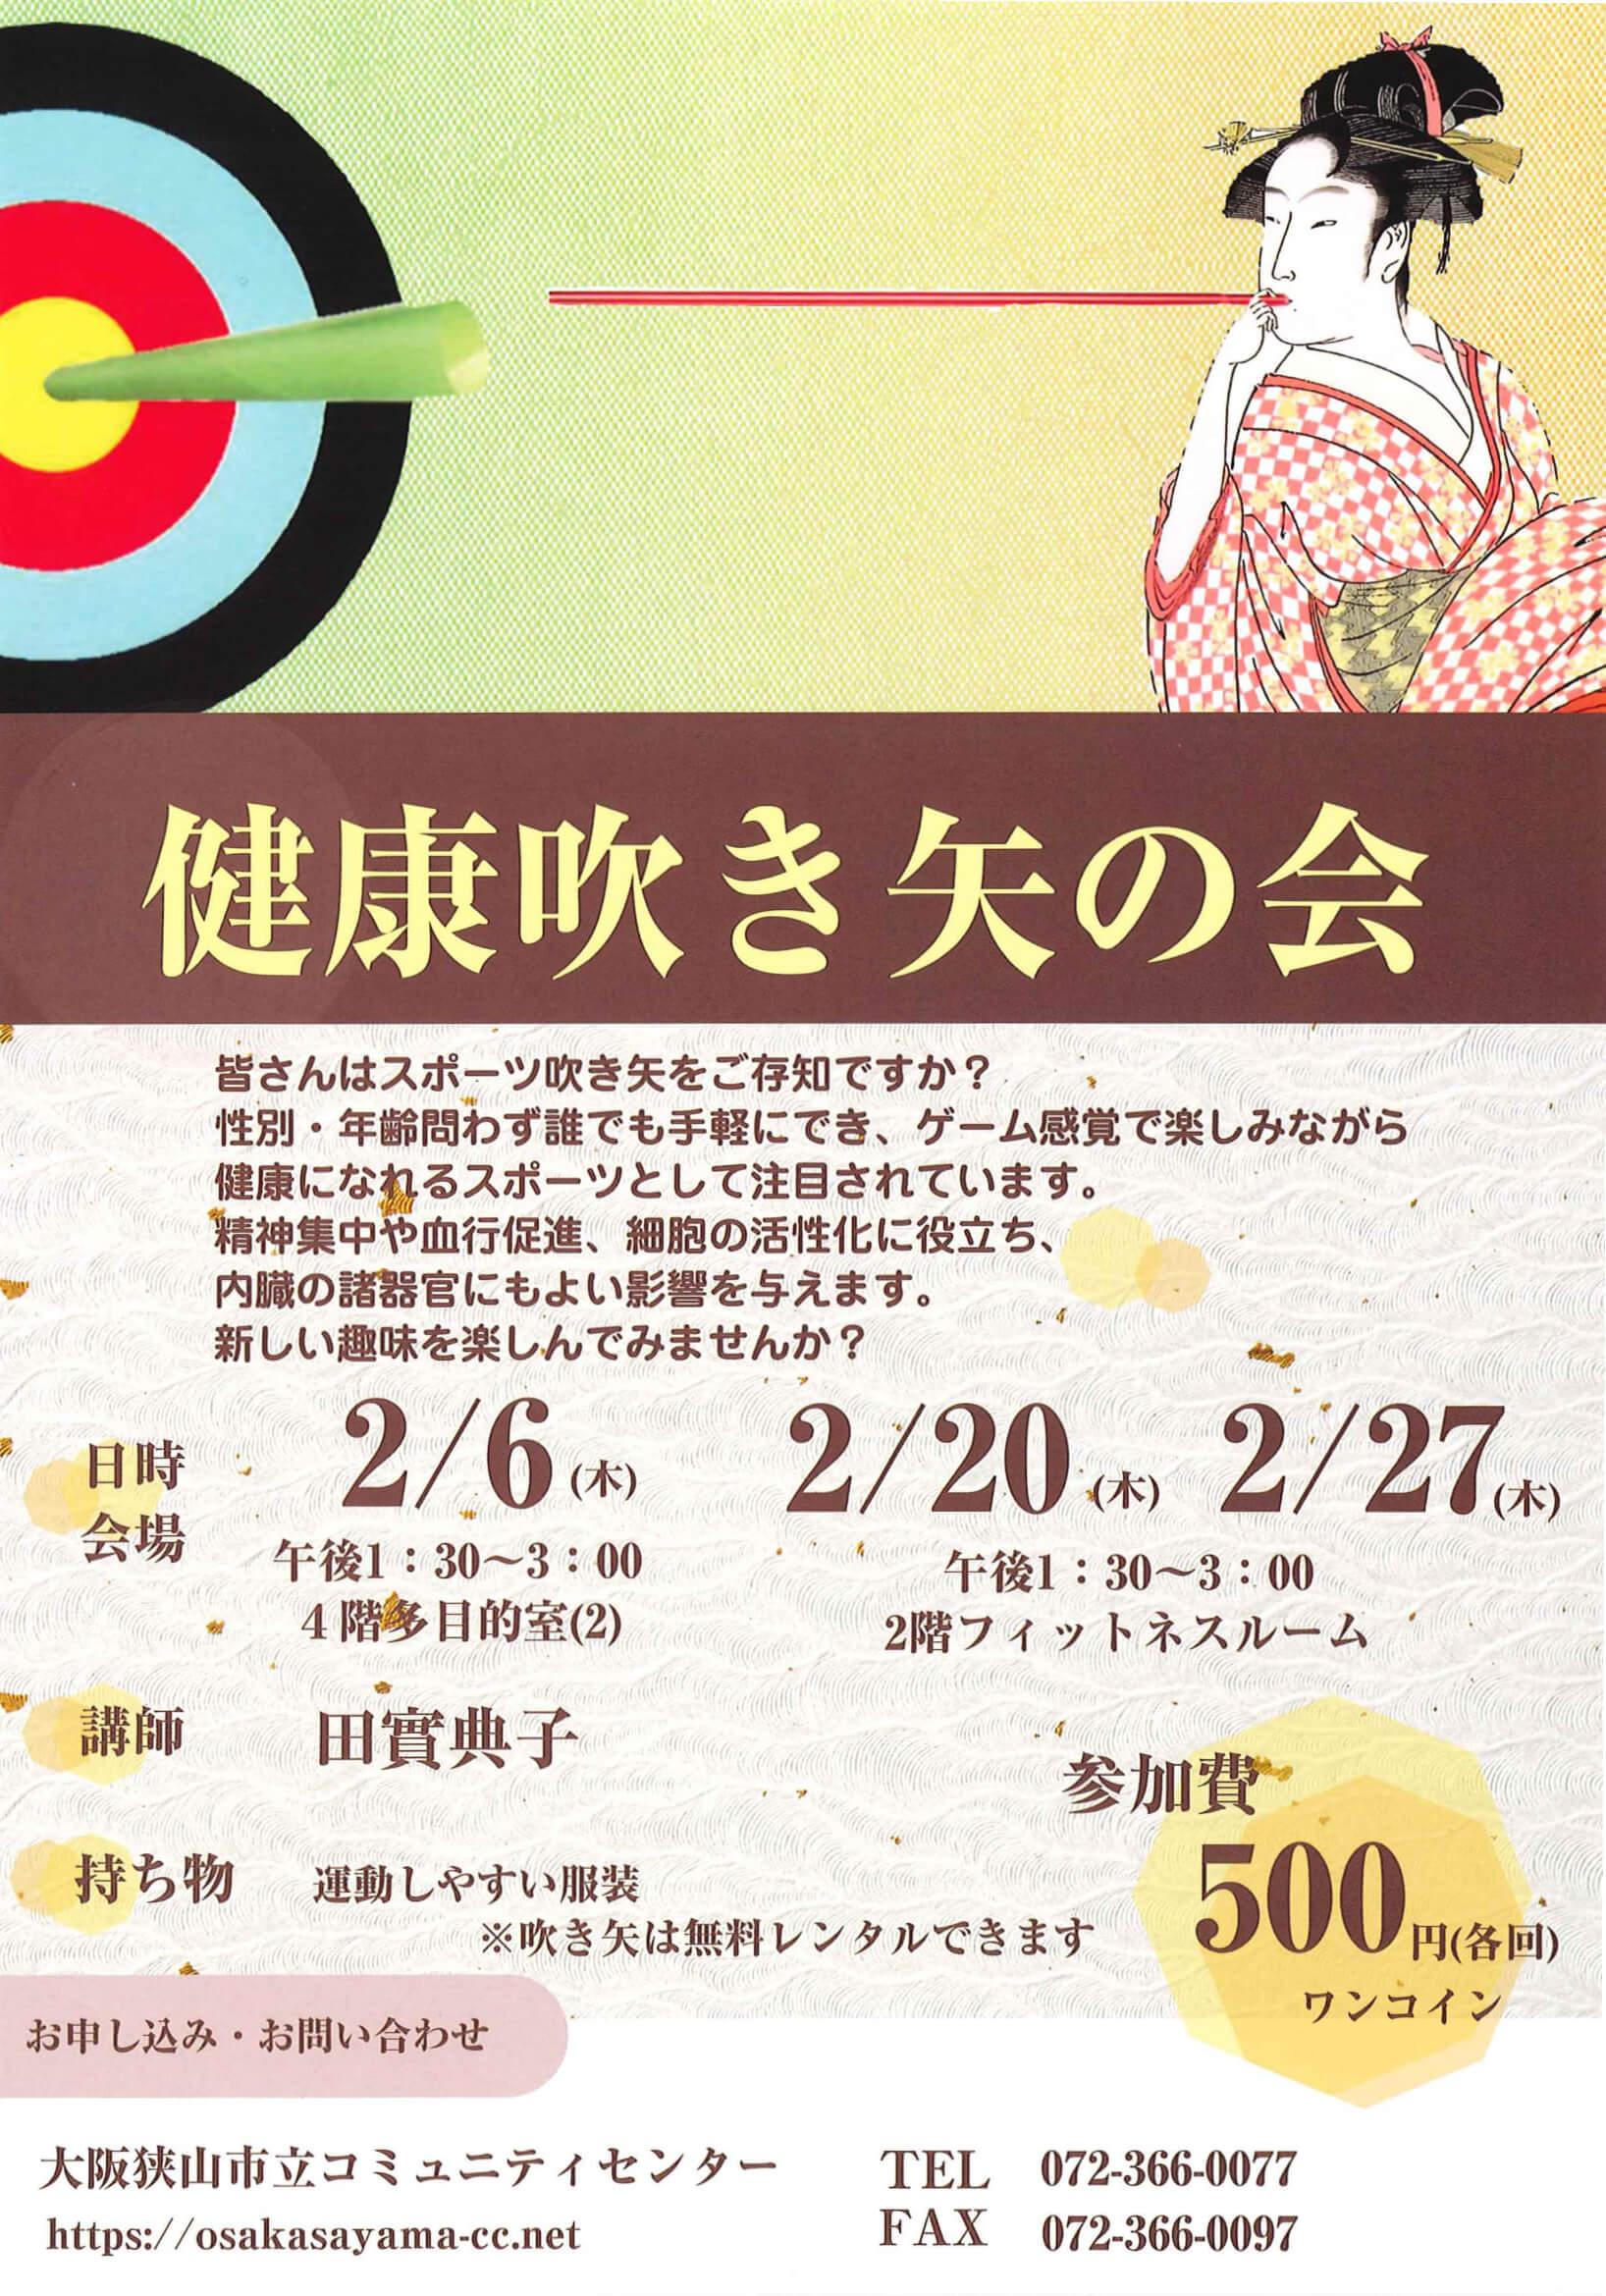 【2020年2月開催】「大阪狭山市立コミュニティセンター」イベント情報